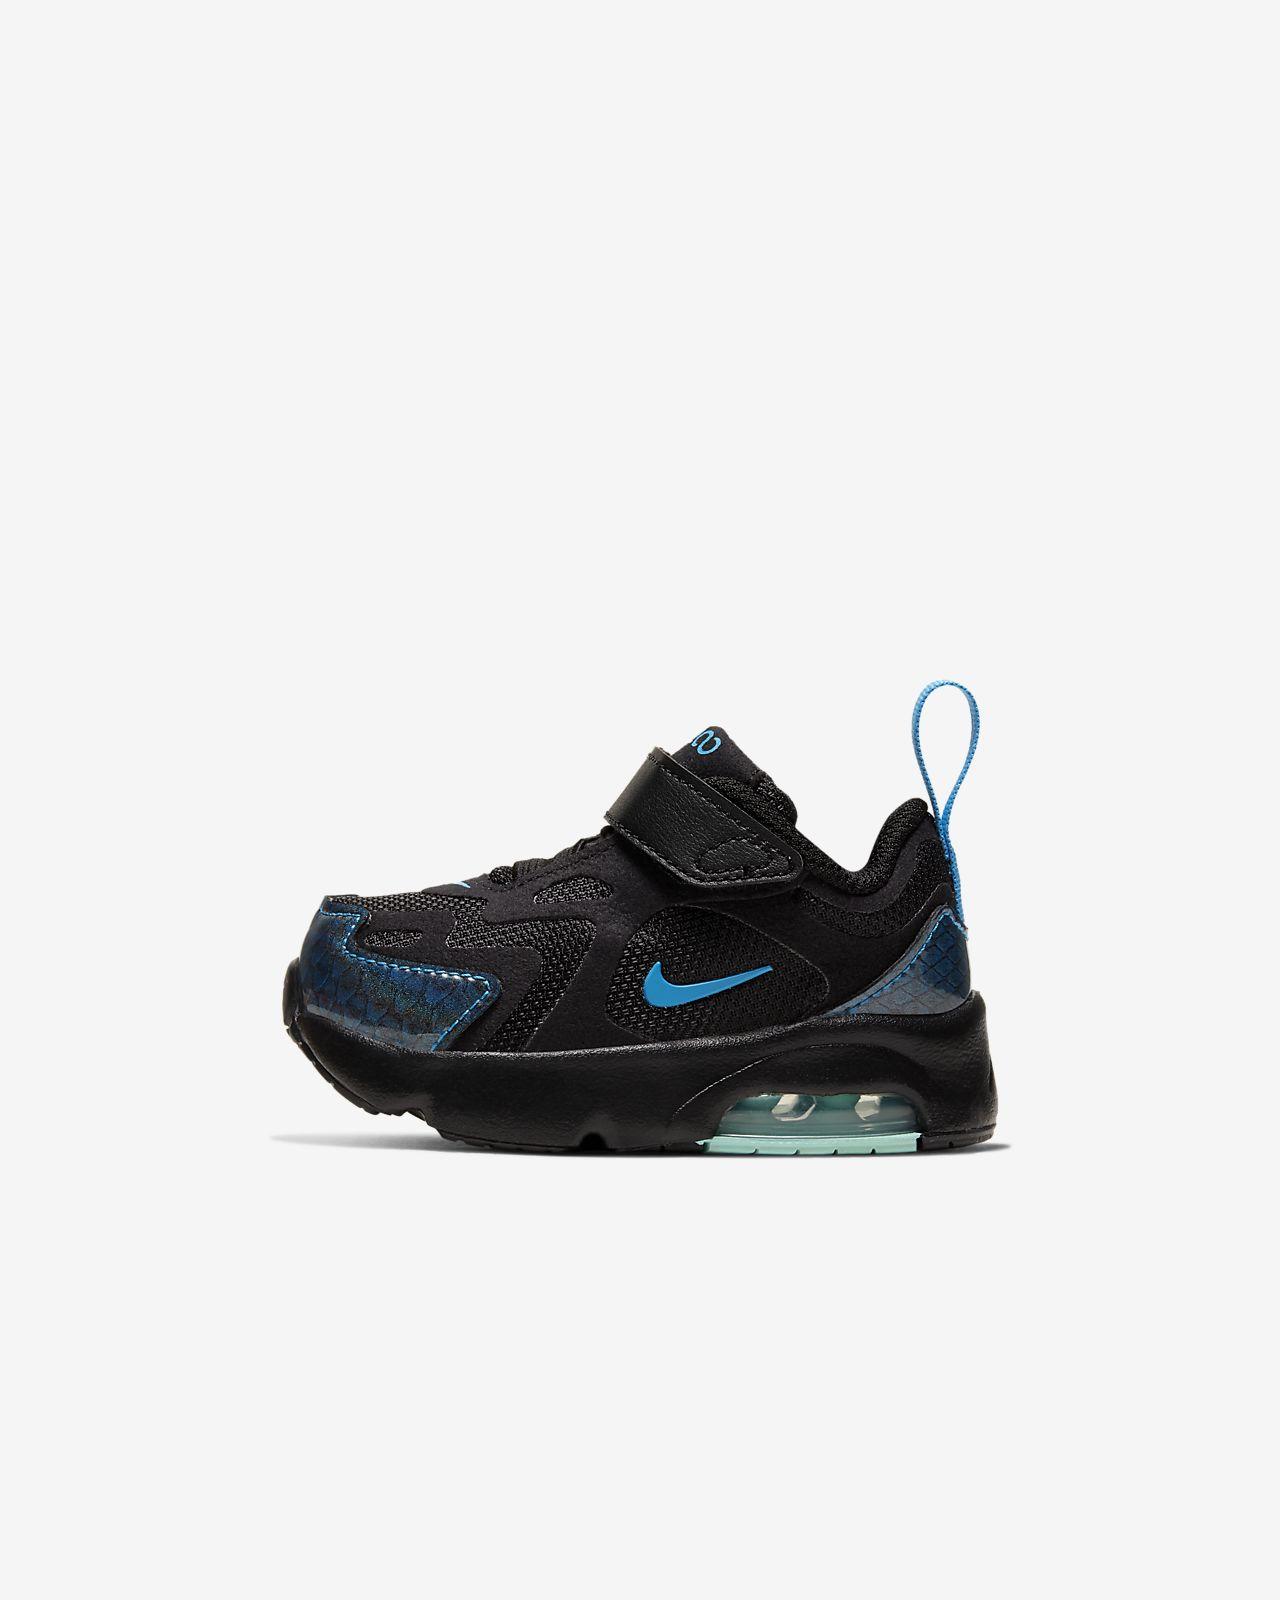 Nike Air Max 200 sko til babyersmåbørn